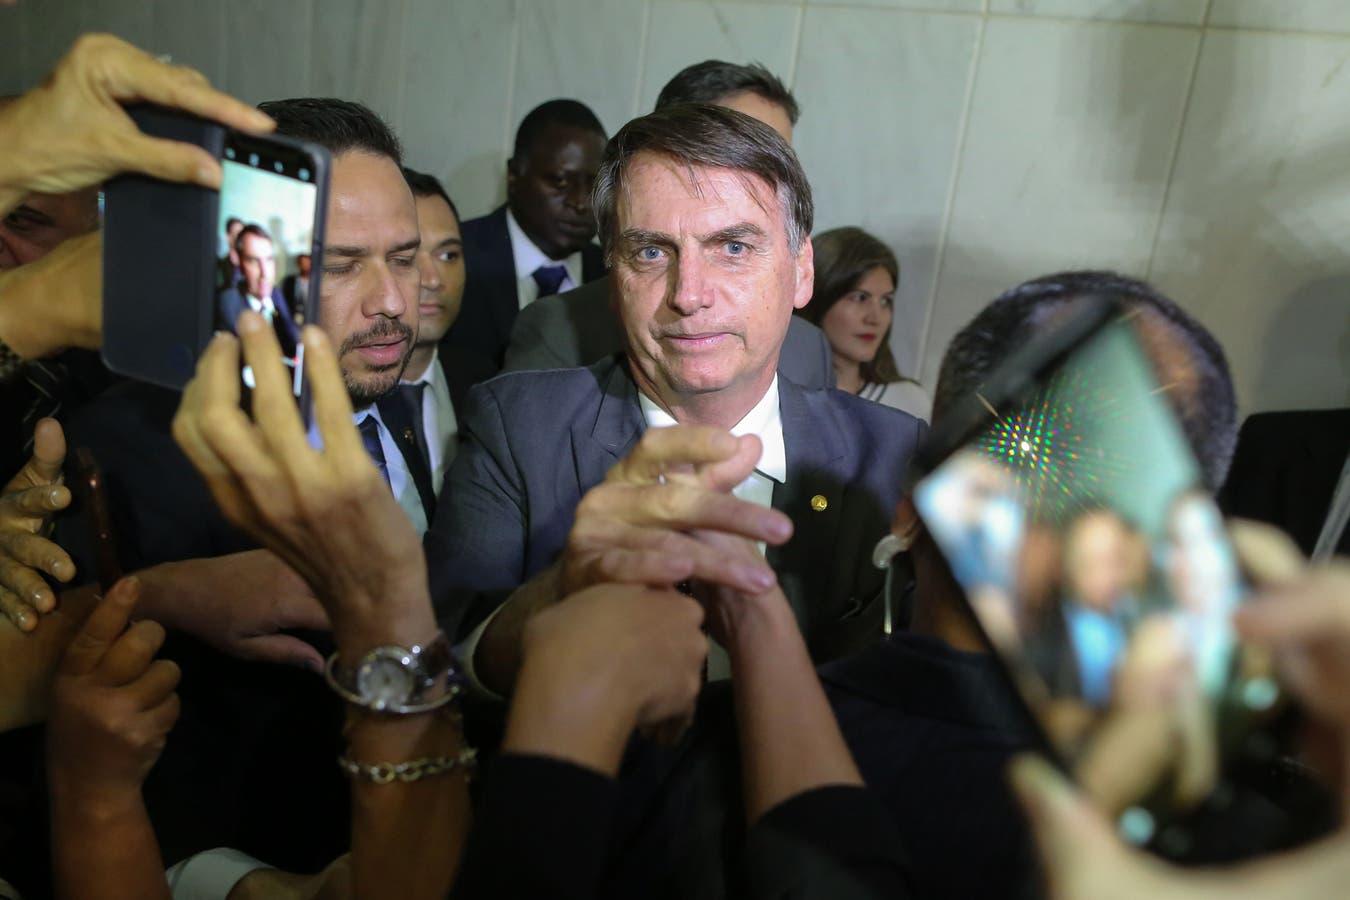 Las recientes elecciones de Brasil, en las que Jair Bolsonaro (foto) resultó electo presidente, pusieron en el centro del debate una aplicación en la que las noticias falsas y las imágenes trucadas se multiplican de grupo en grupo; por su condición de mensajería privada, su uso artero resulta difíci